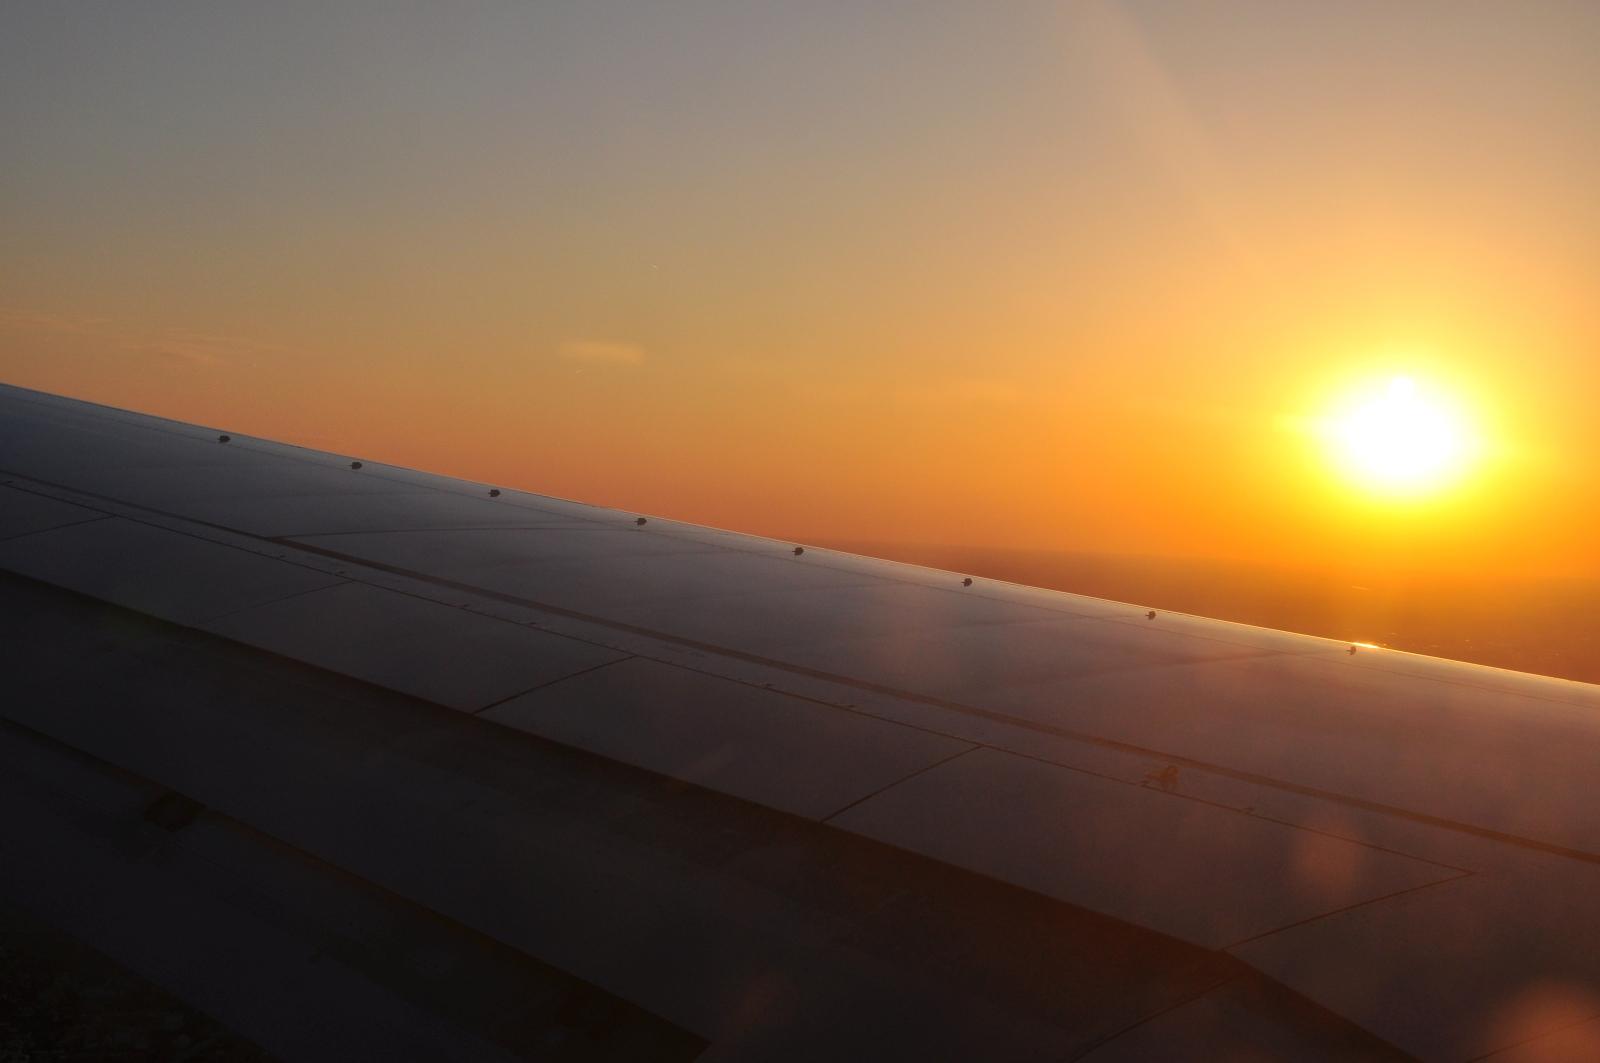 Widok z samolotu. Zachod słońca.